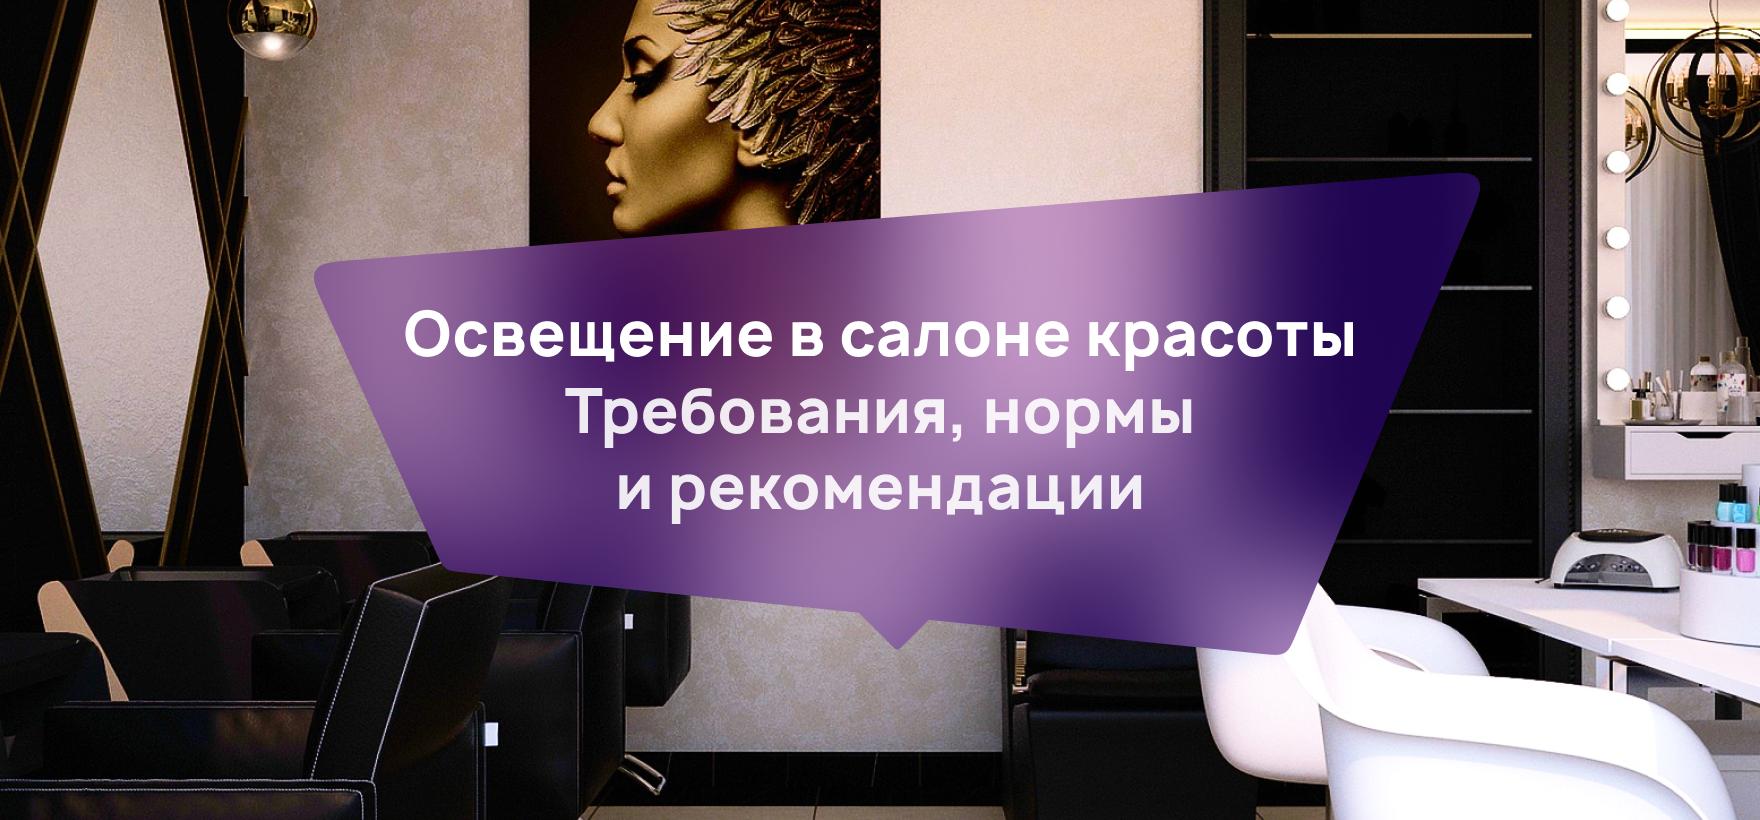 Освещение в салоне красоты: требования, нормы и рекомендации